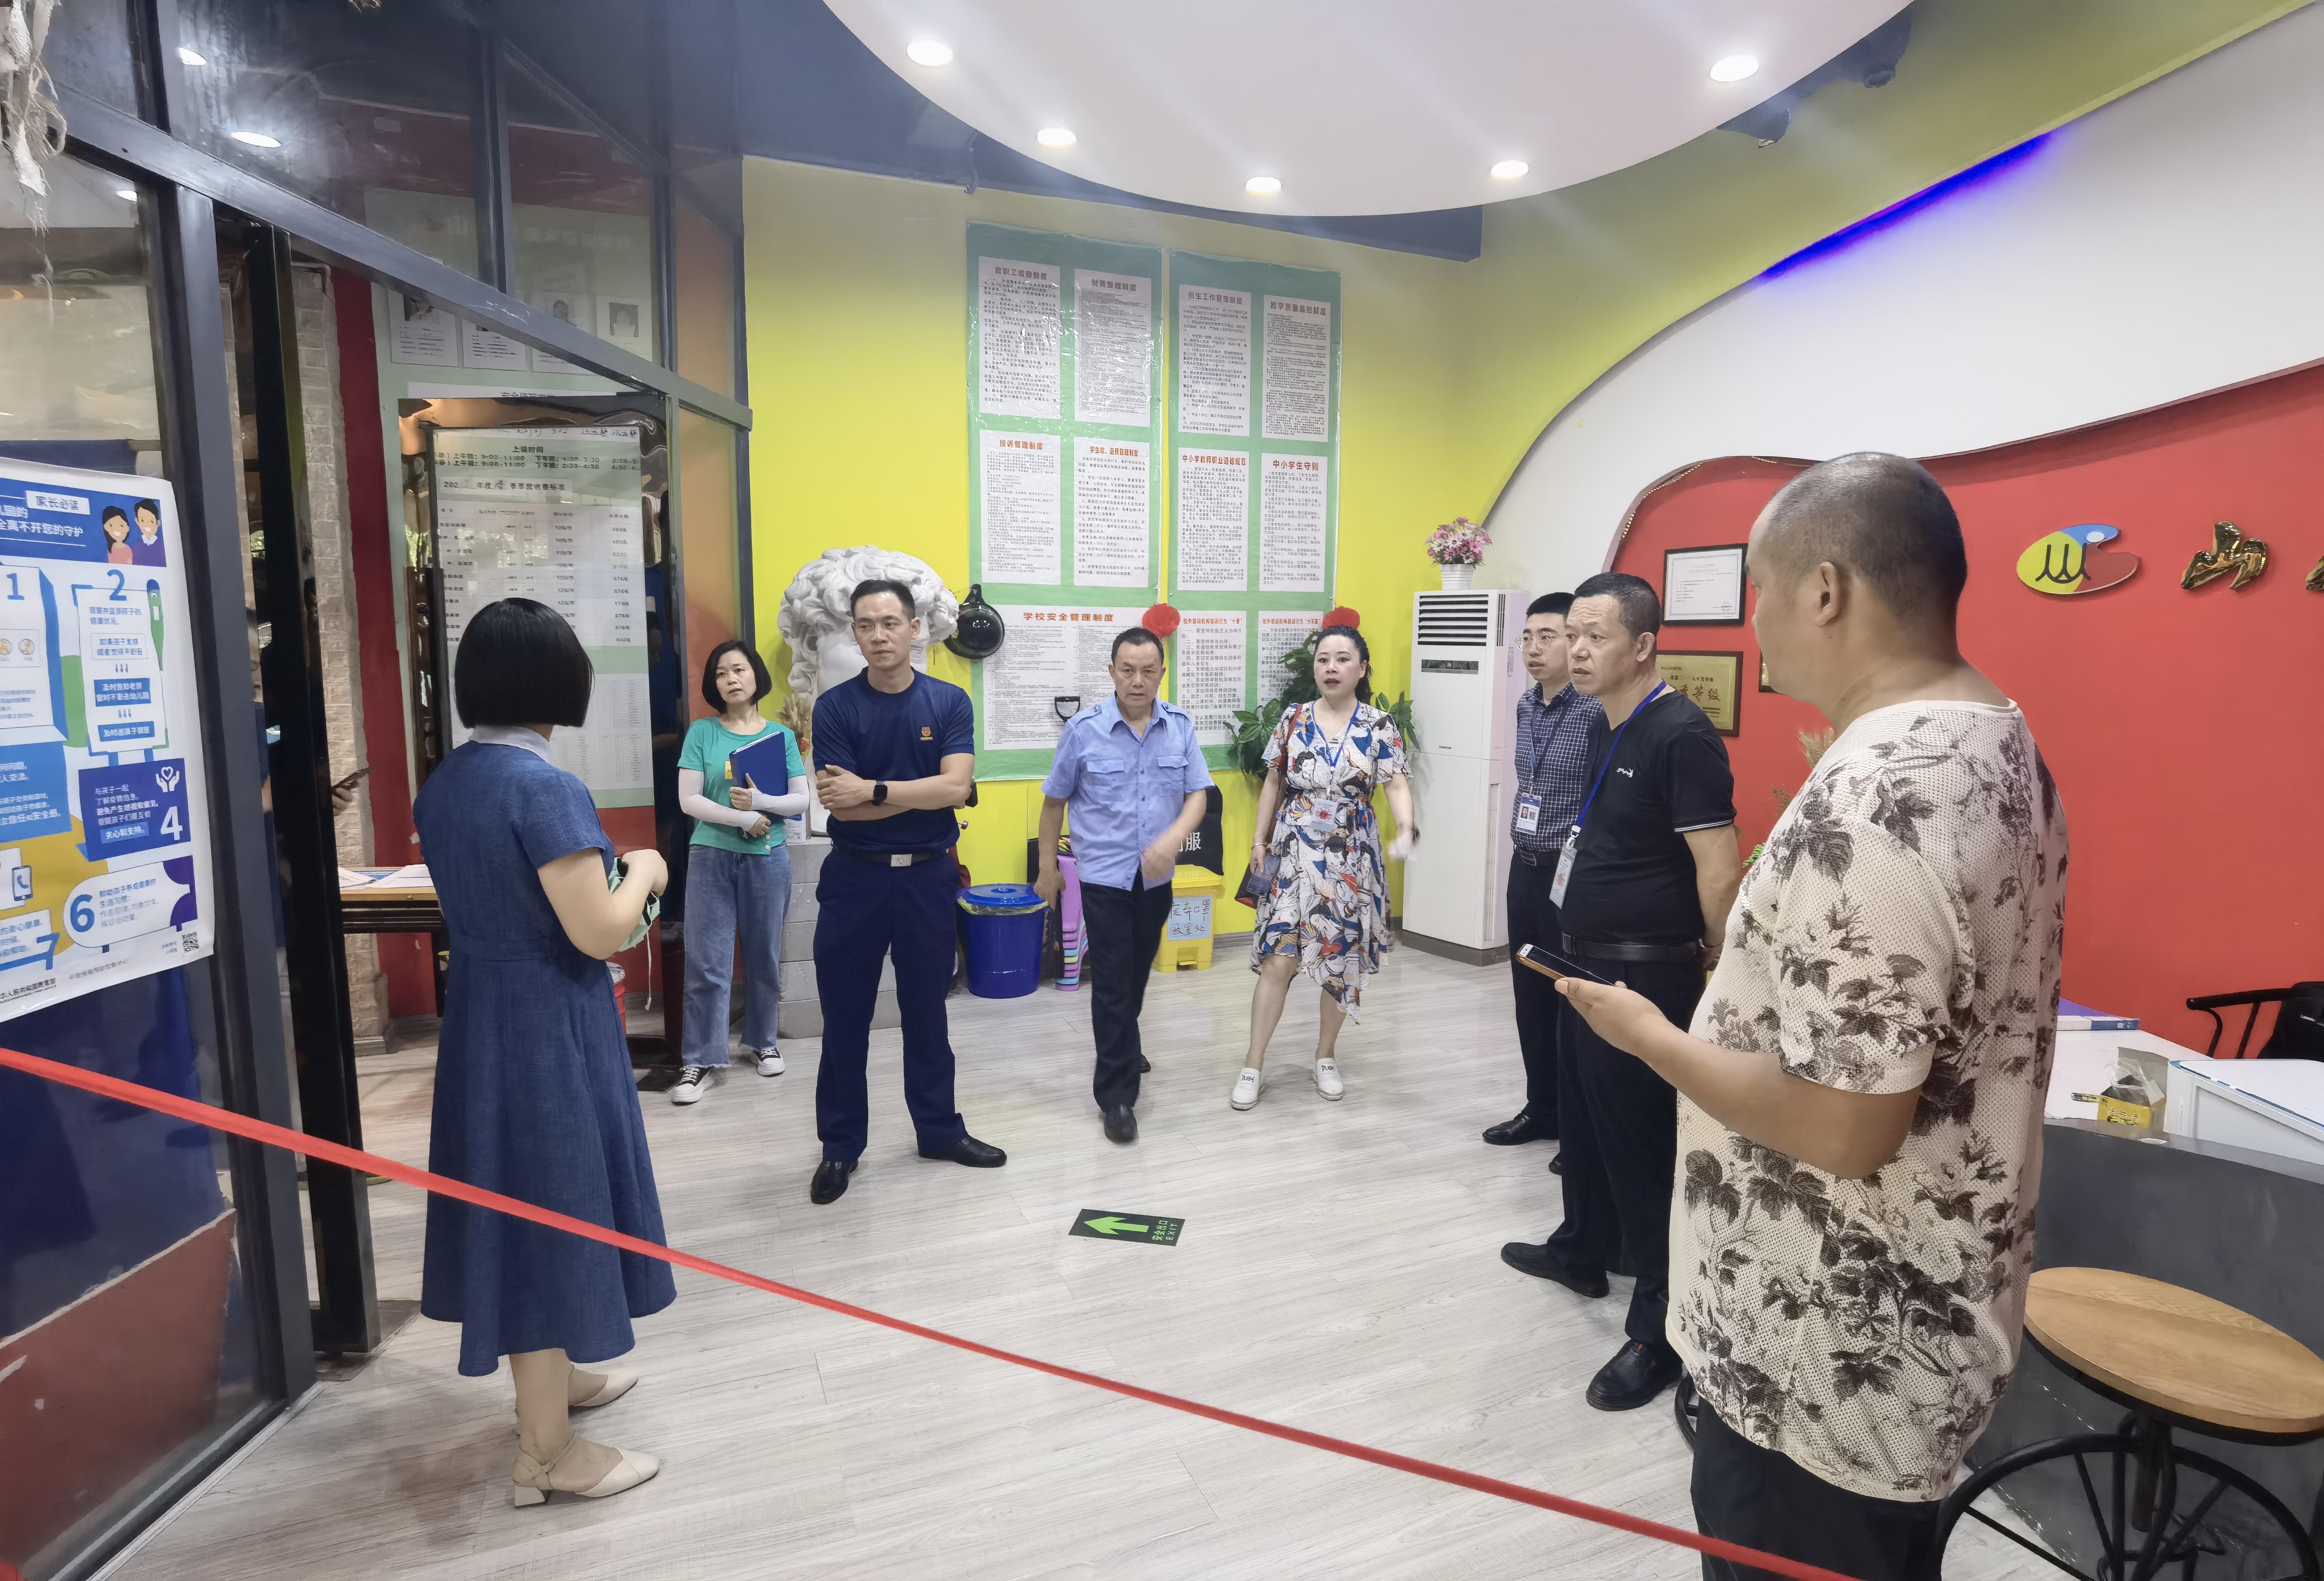 蓬溪:联合开展城区校外培训机构检查